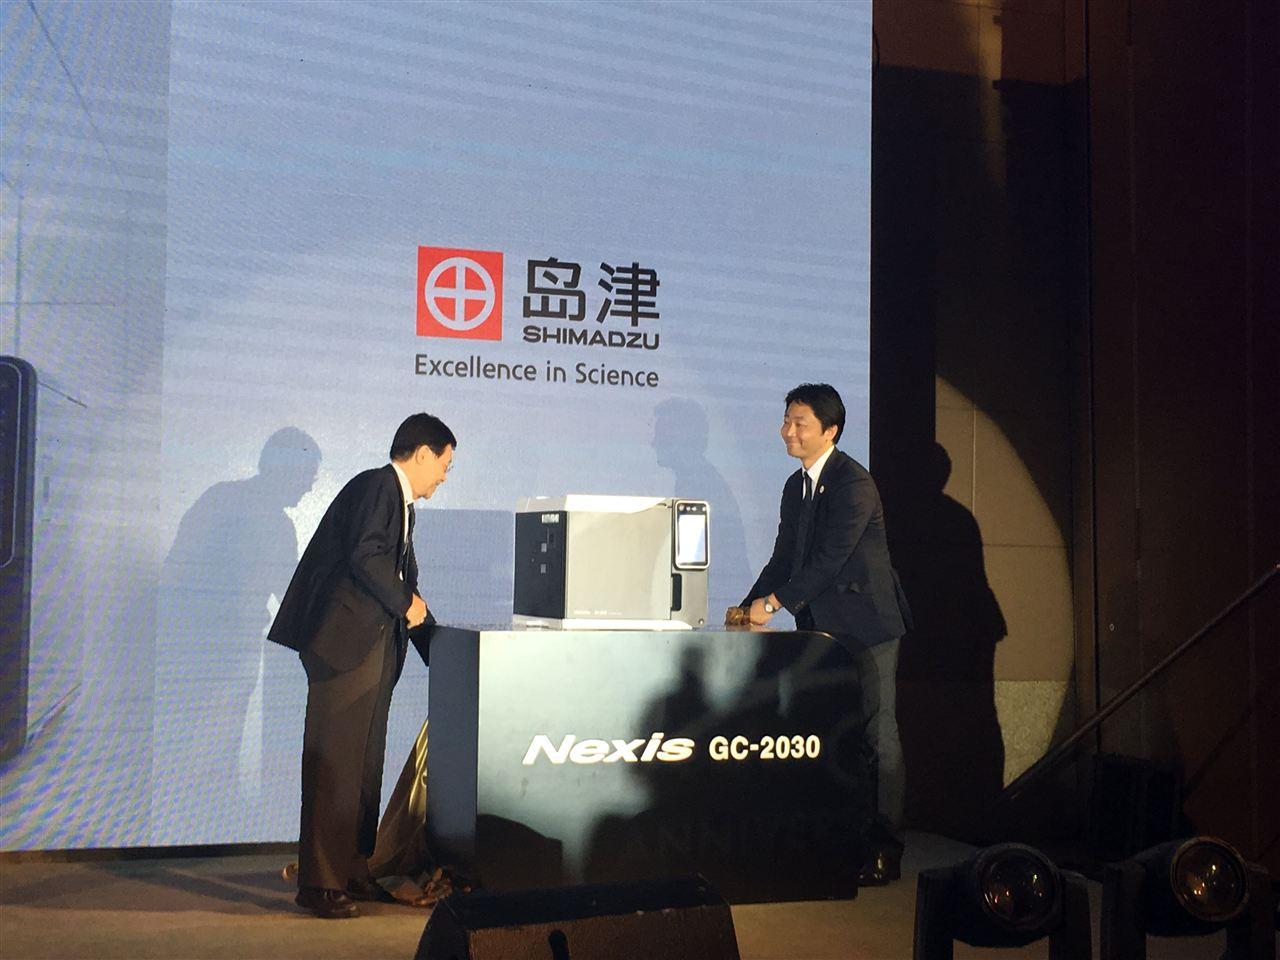 """峥嵘GC60年 岛津旗舰级气相新品""""Nexis GC-2030""""全球首发!"""